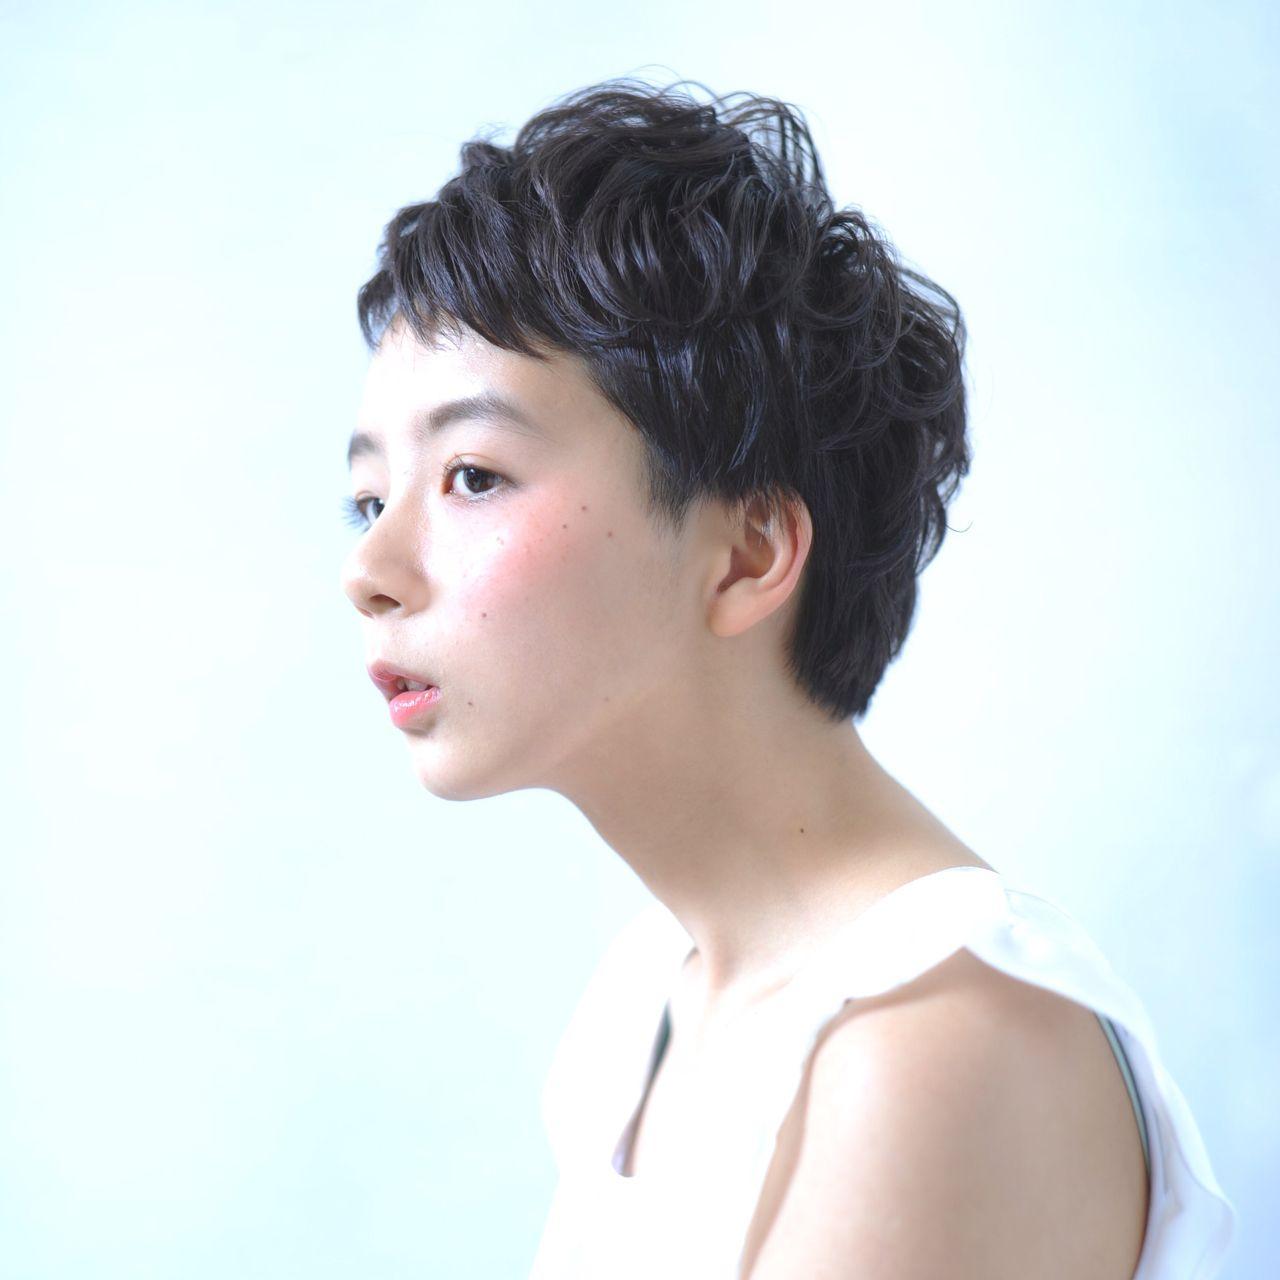 知らなかった?実はオンナ度が高い、魅惑の黒髪ベリーショート♡ 川端梨紗